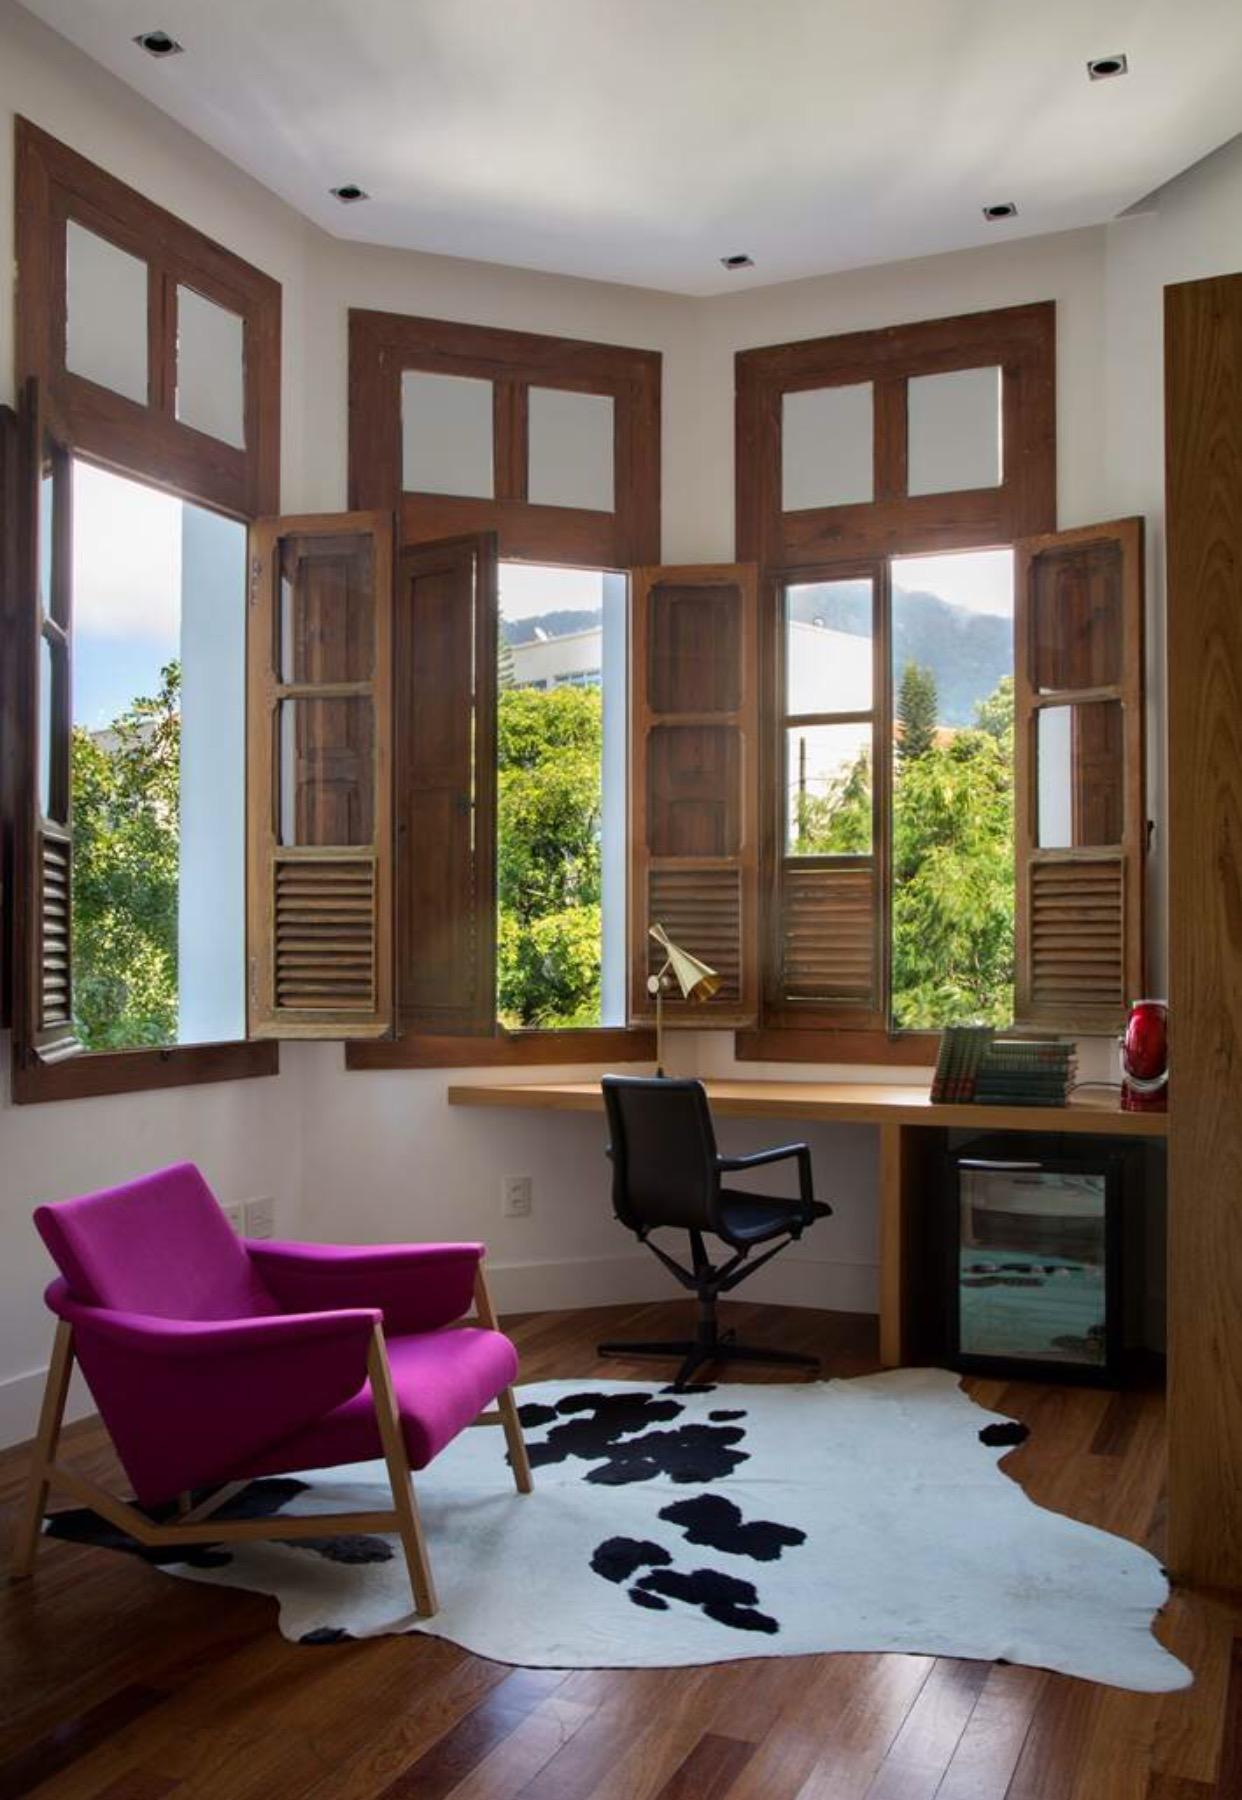 Hospedagem com arte e design no hotel boutique Casa Marques, em Santa Teresa.